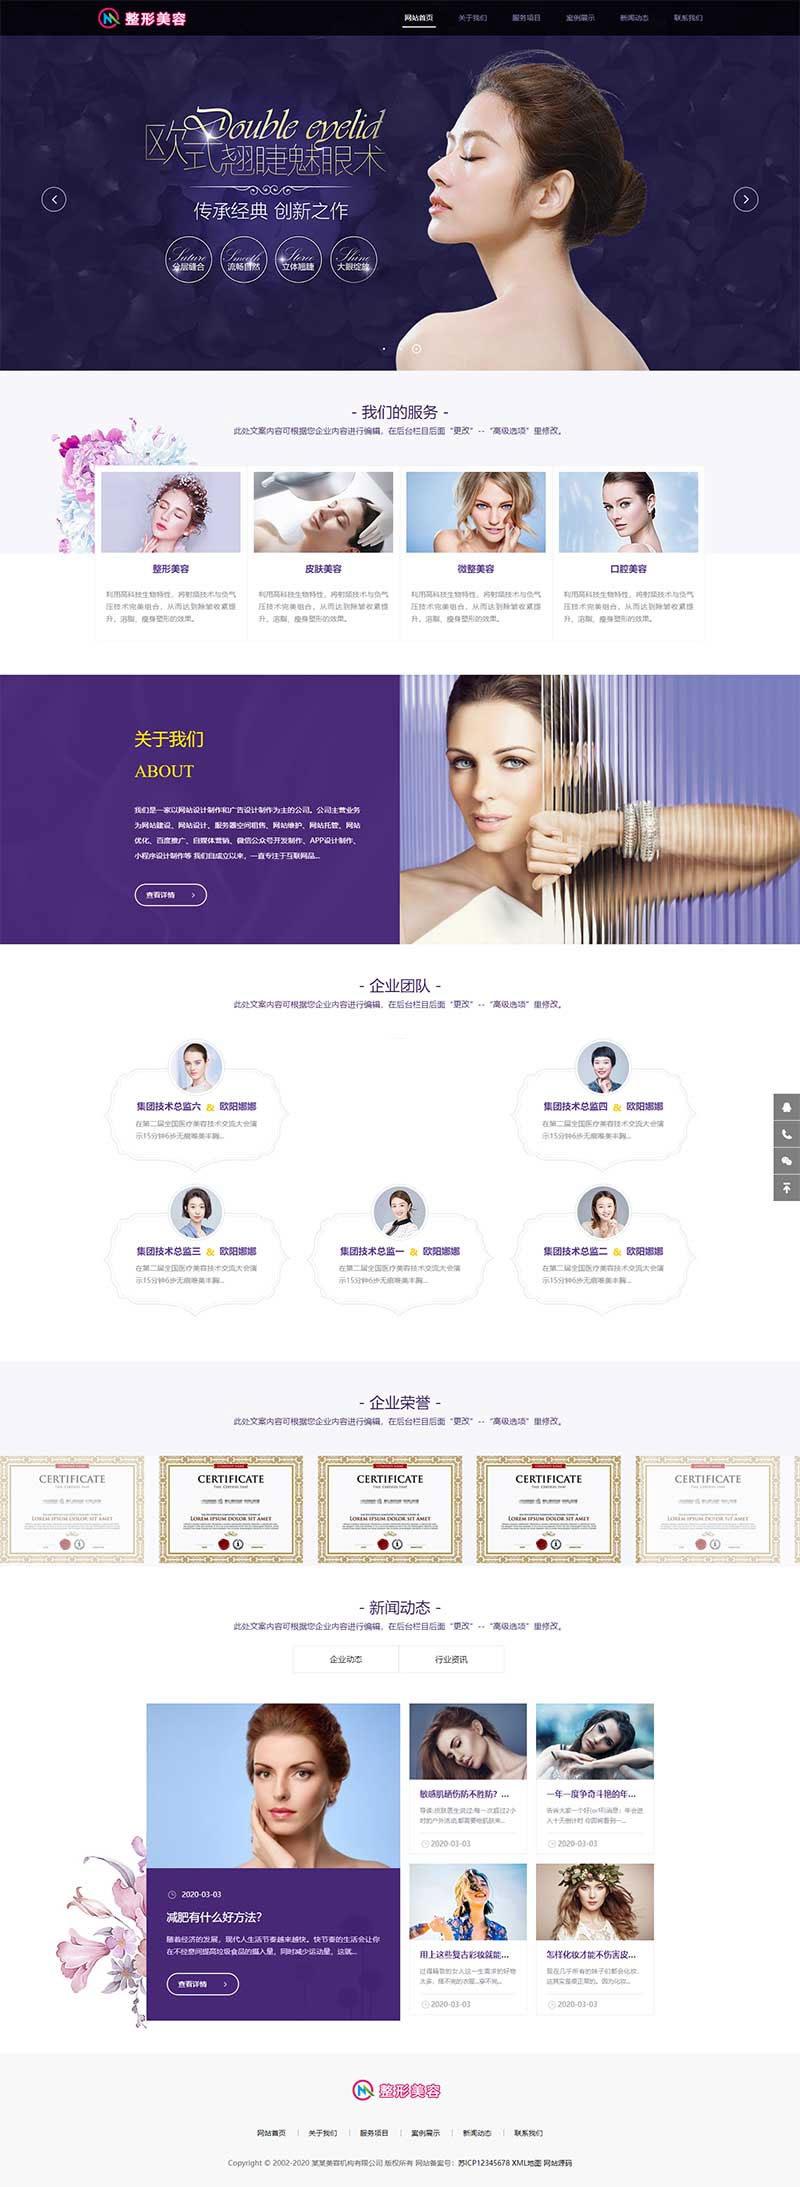 织梦dedecms响应式医疗美容整形医院网站模板 第1张